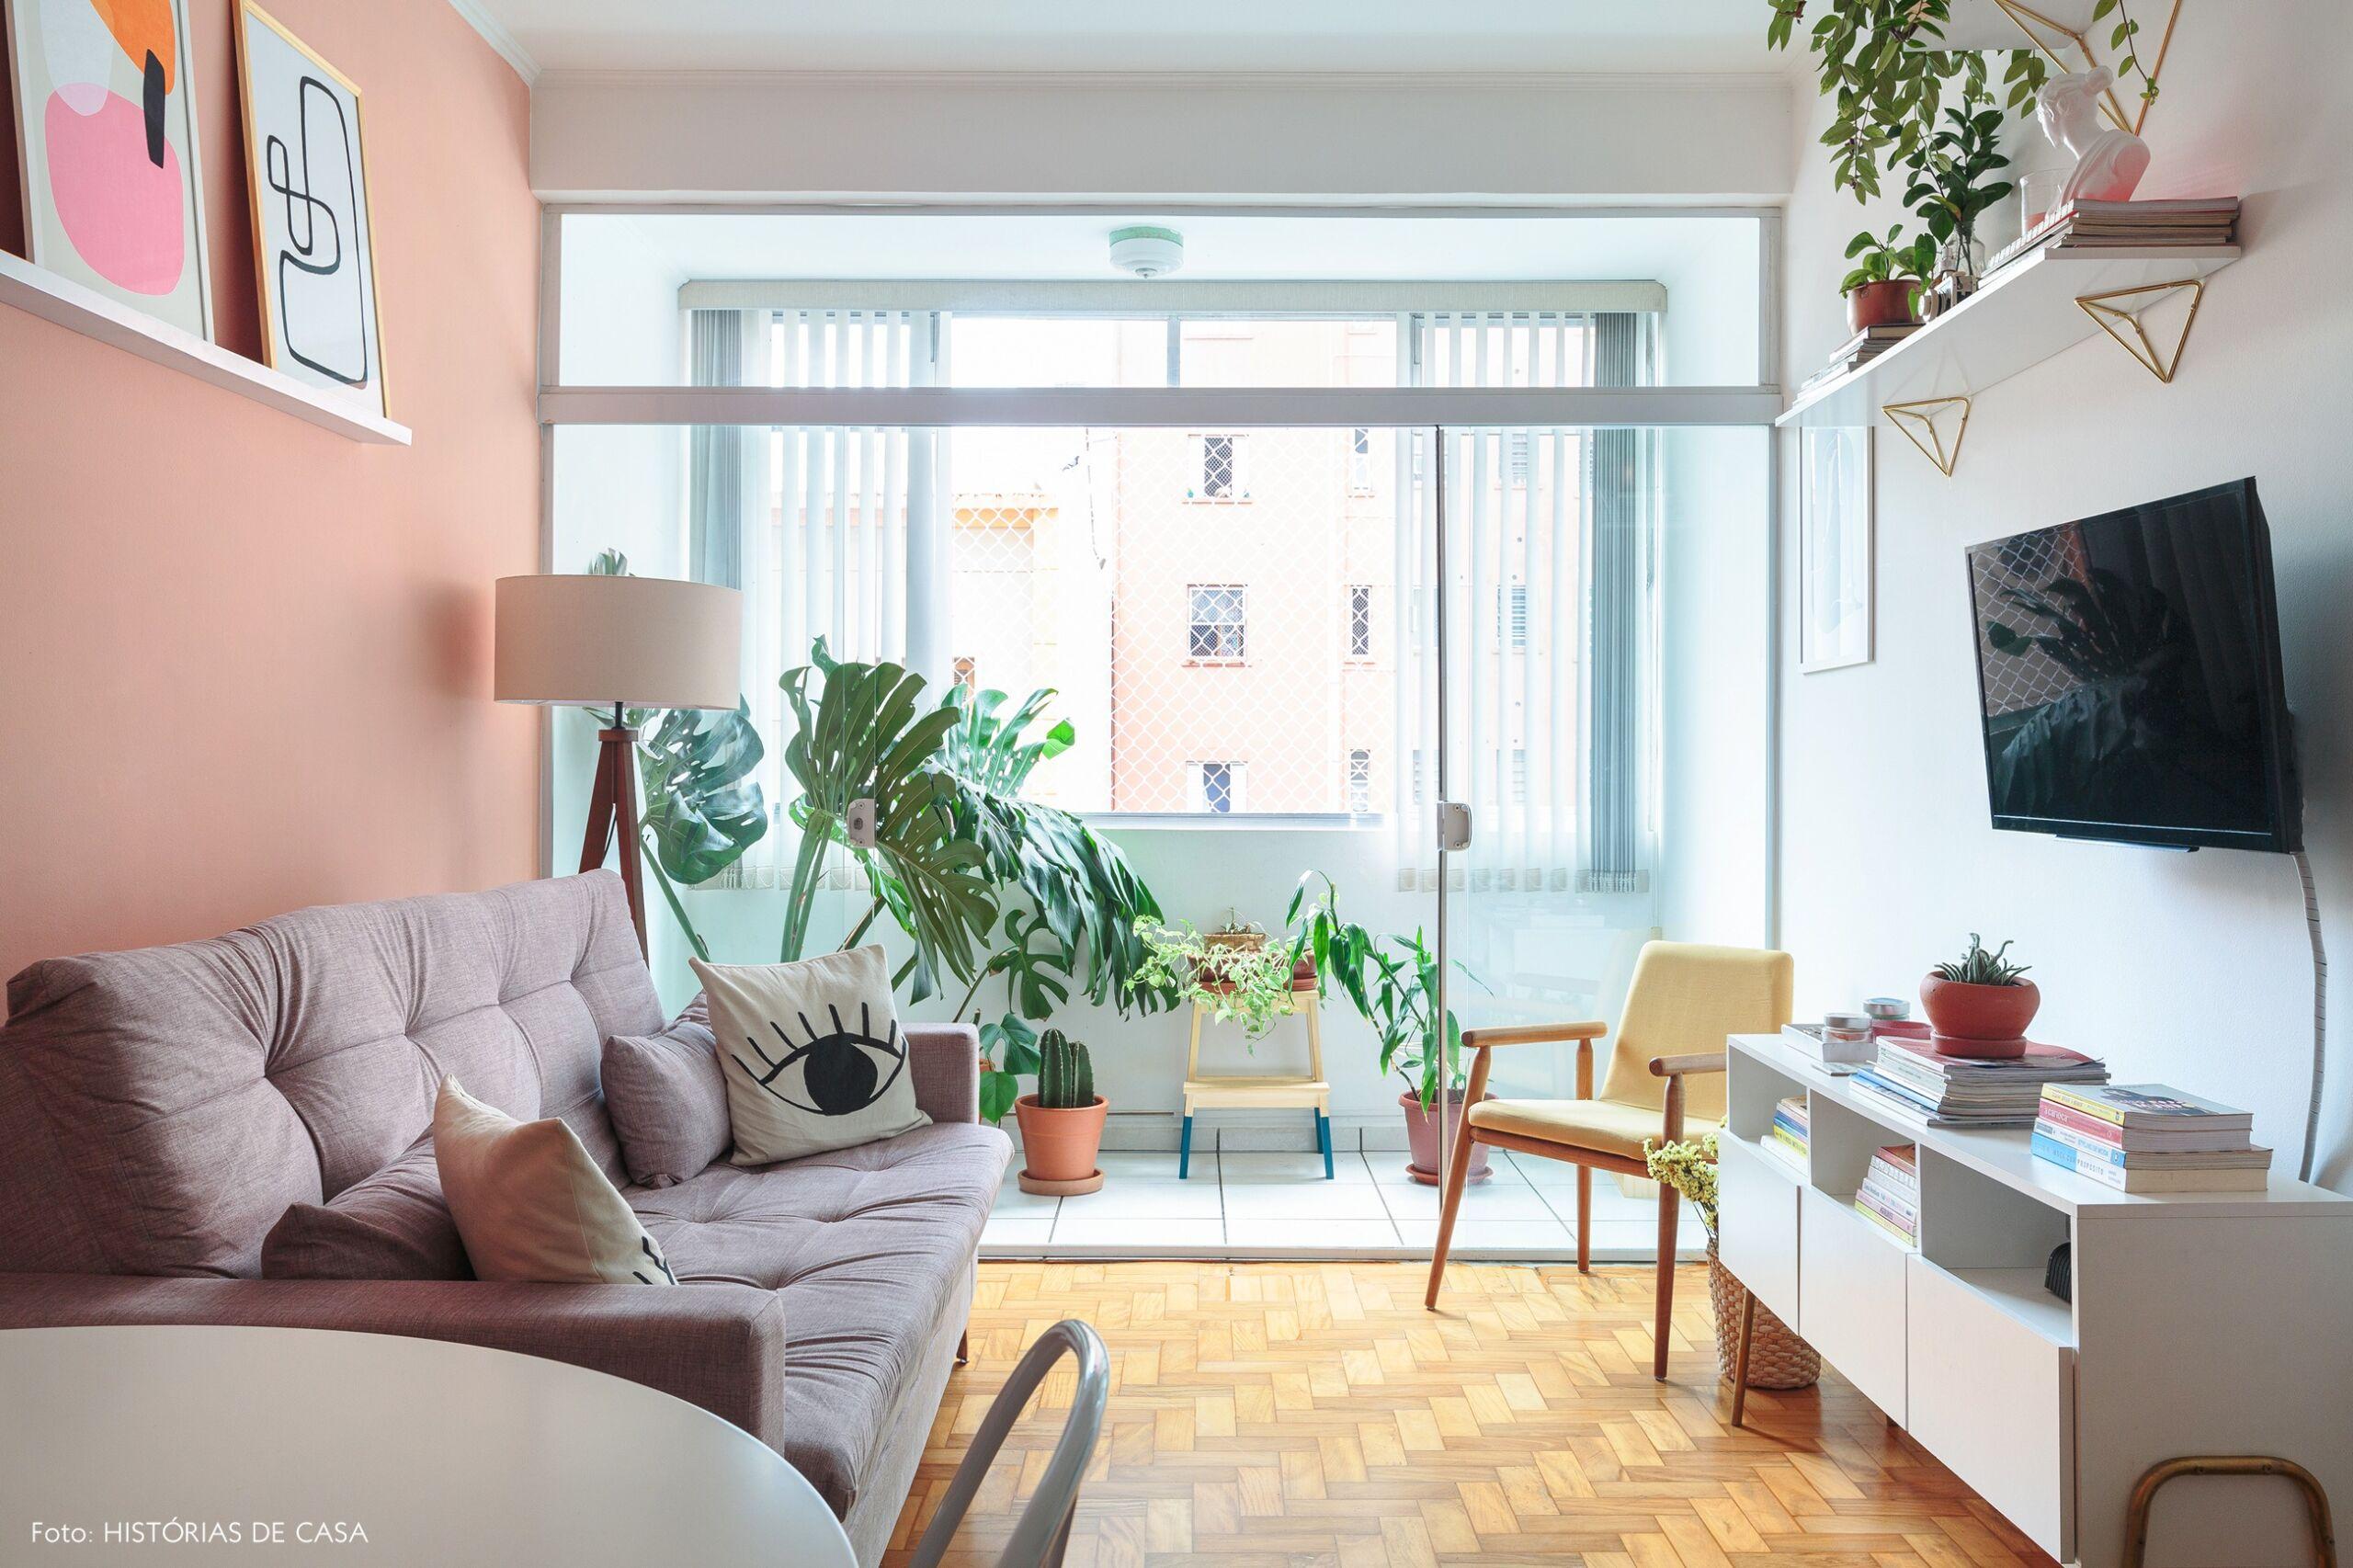 Sala com parede colorida e varanda iluminada